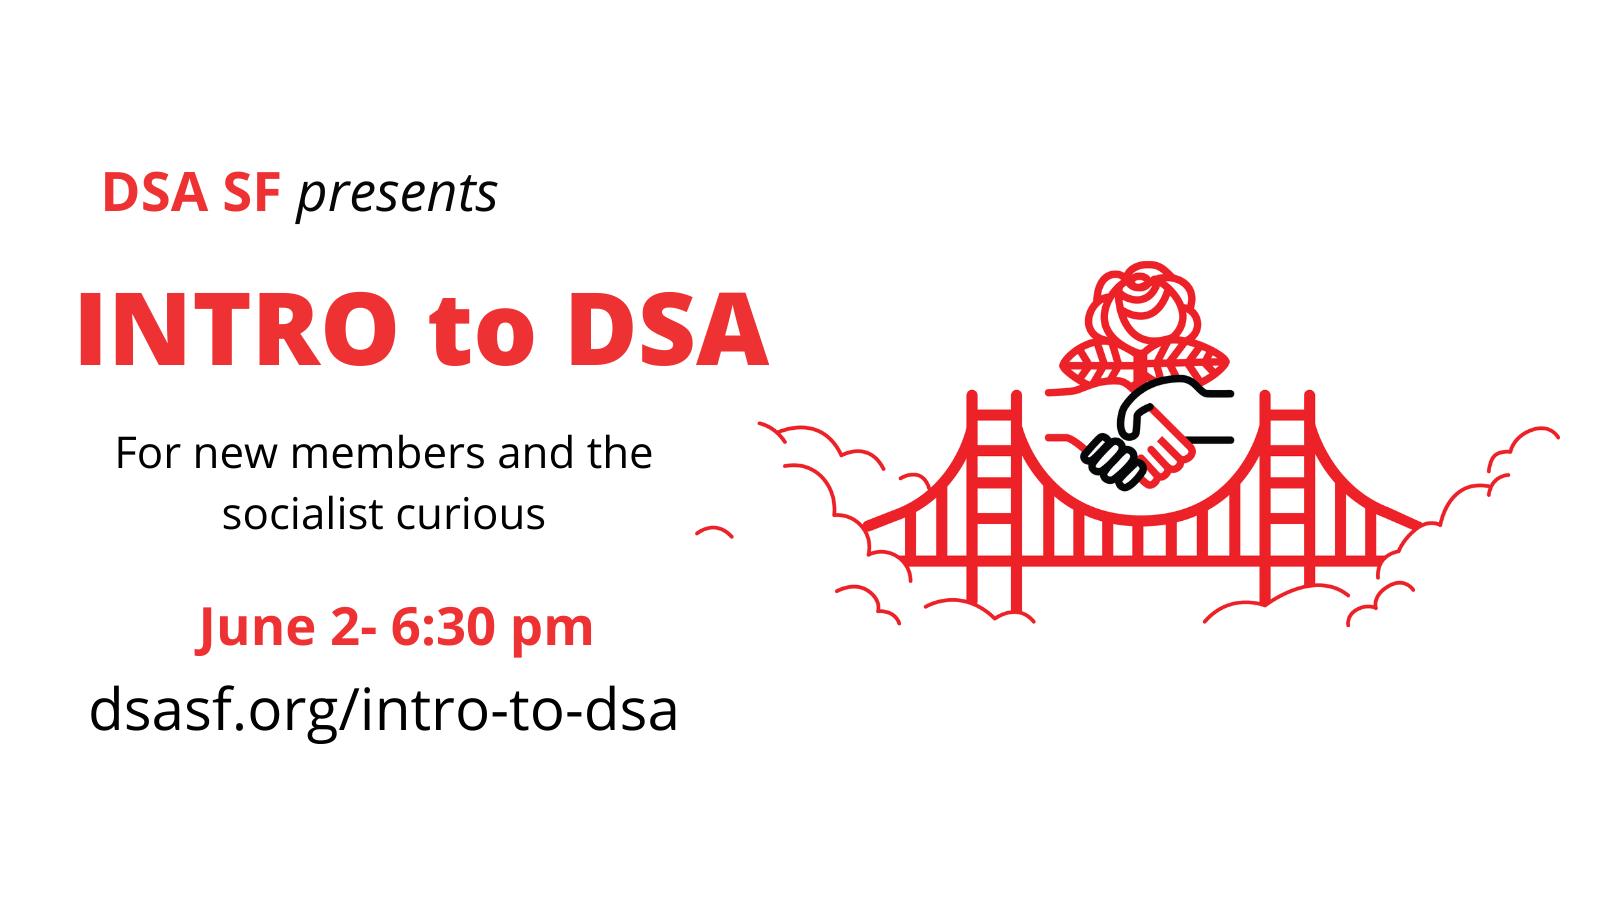 Intro to DSA @ Online